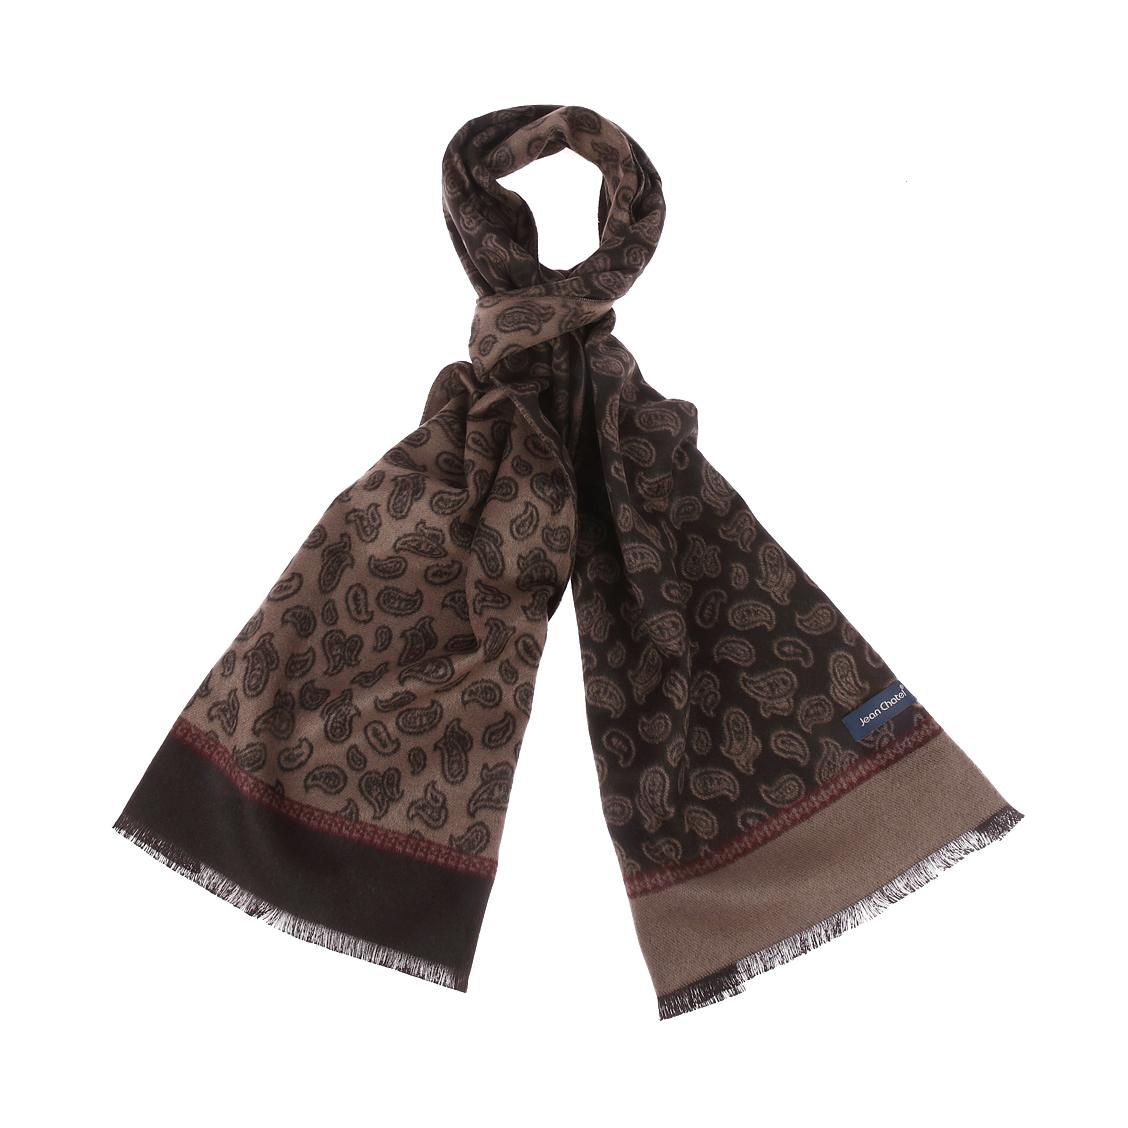 Chèche jean chatel camel à imprimé cachemire noir